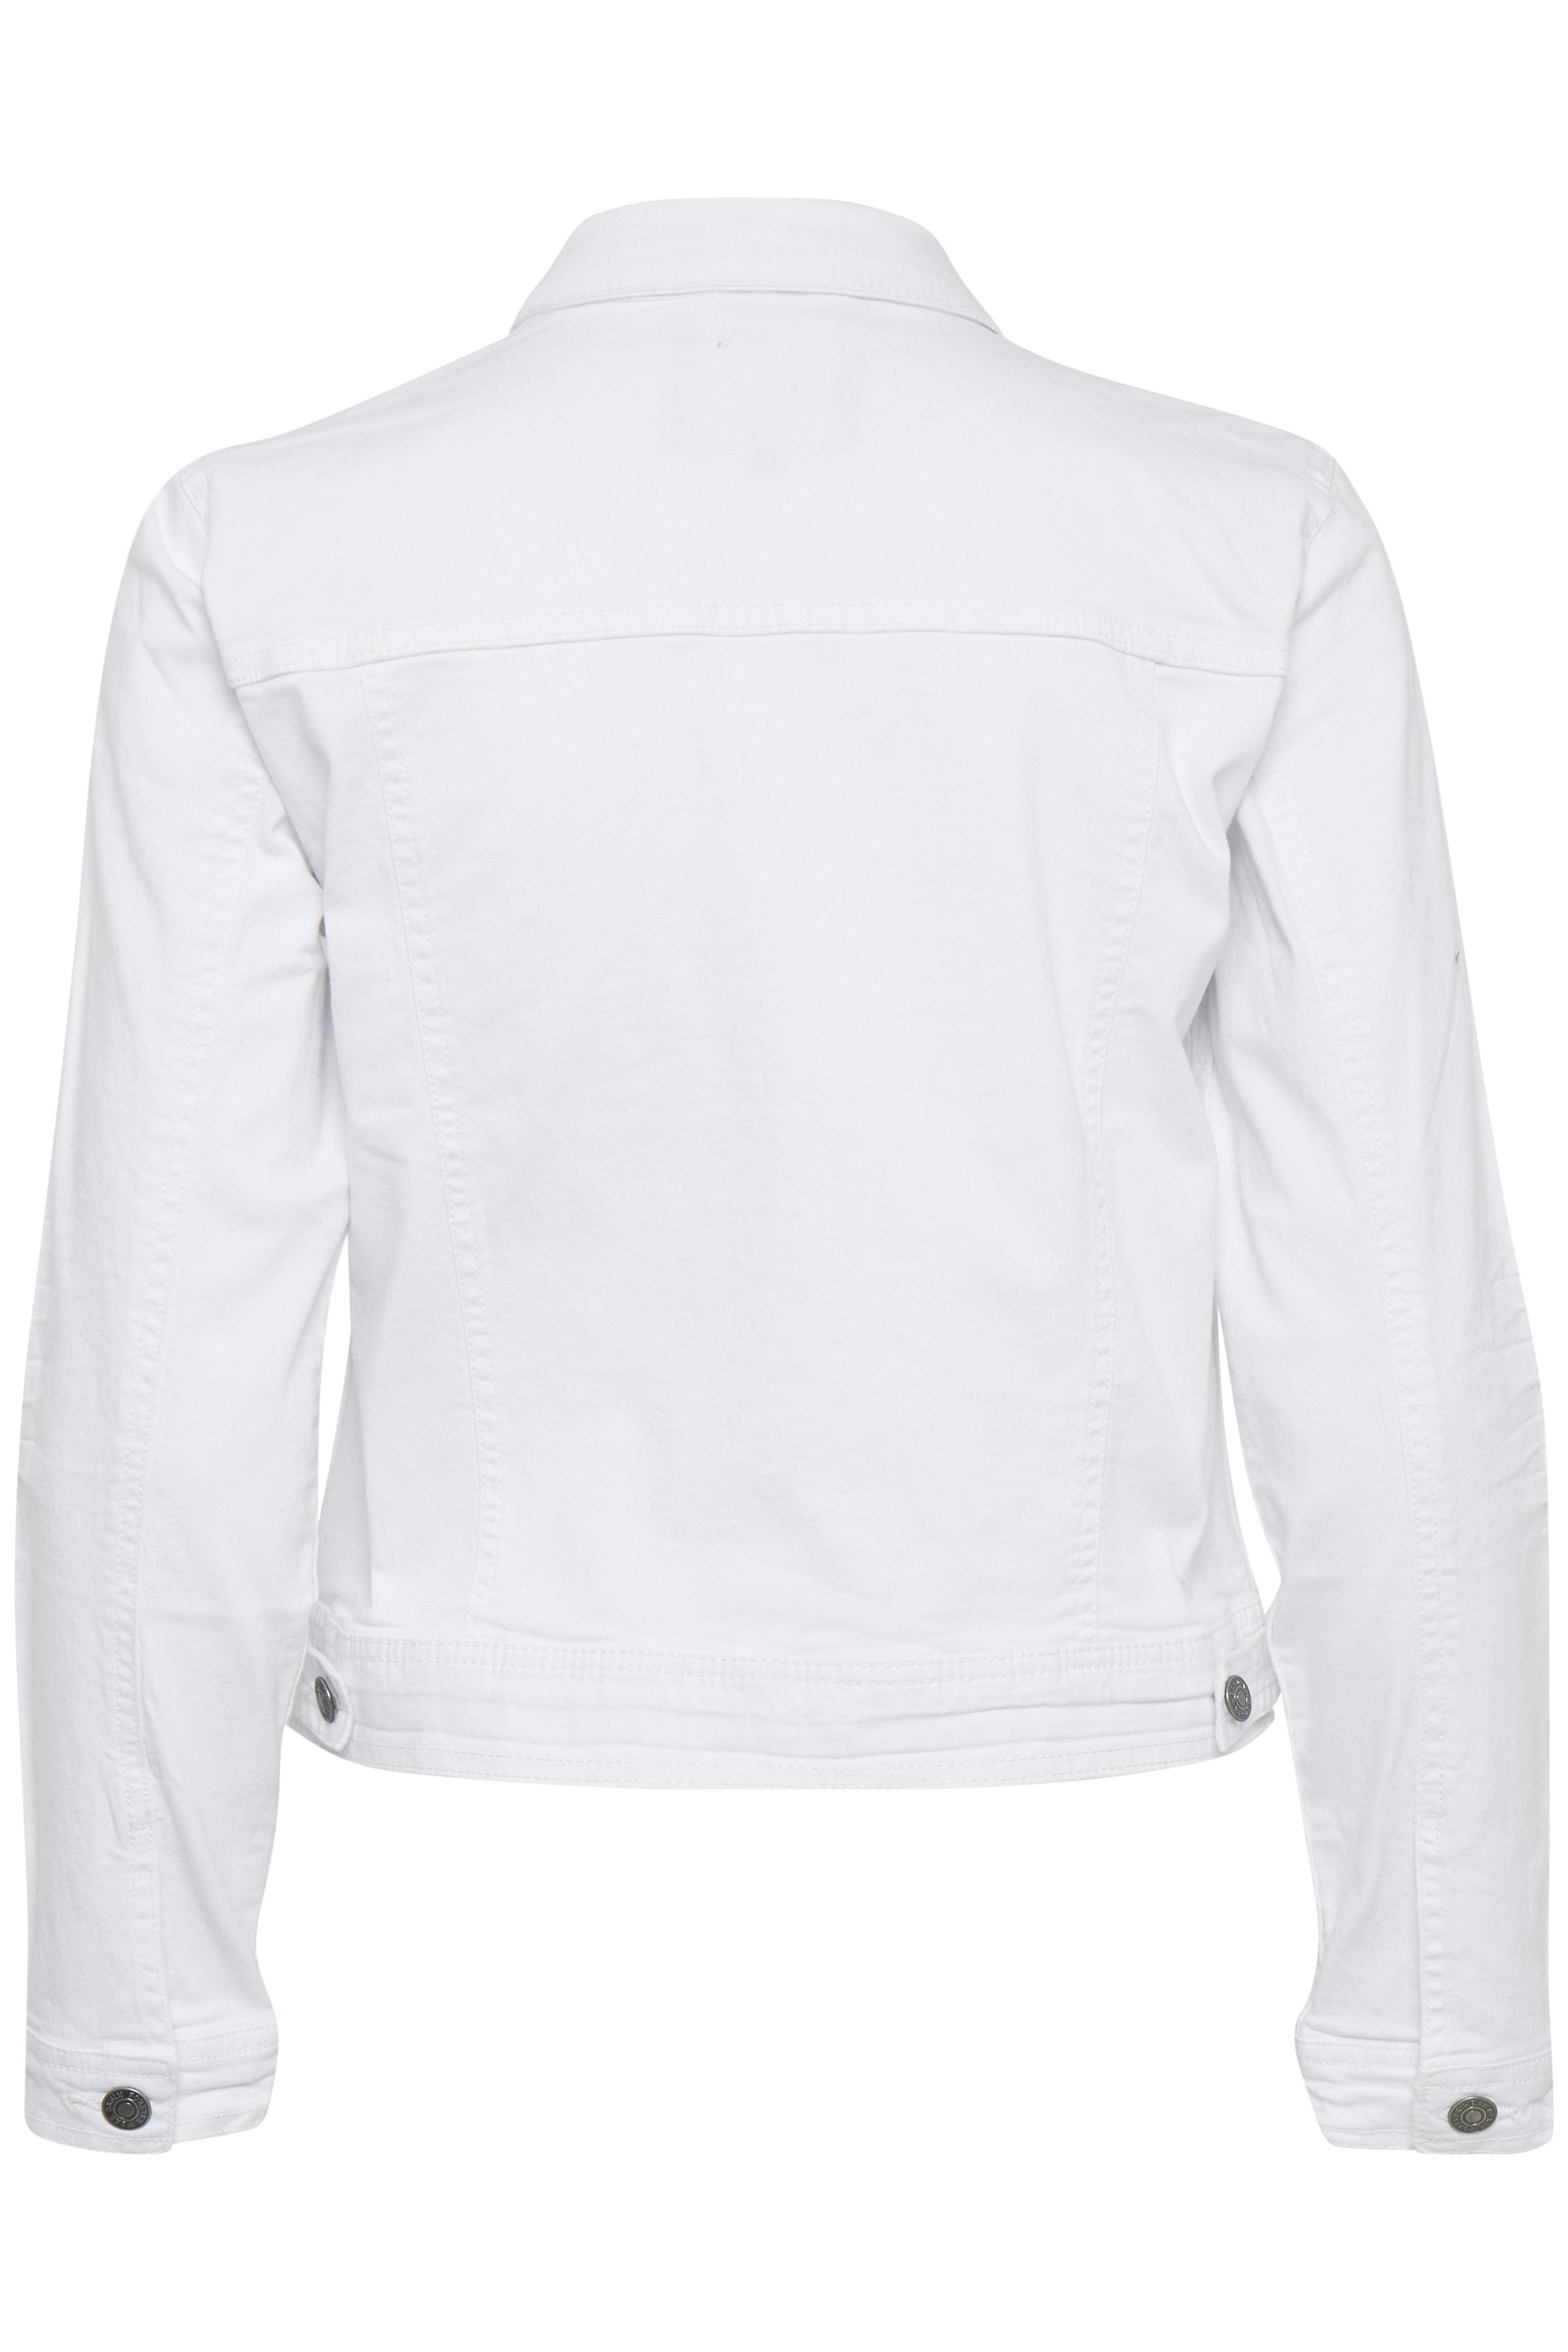 Optical White Denimjakke fra b.young – Køb Optical White Denimjakke fra str. 34-46 her